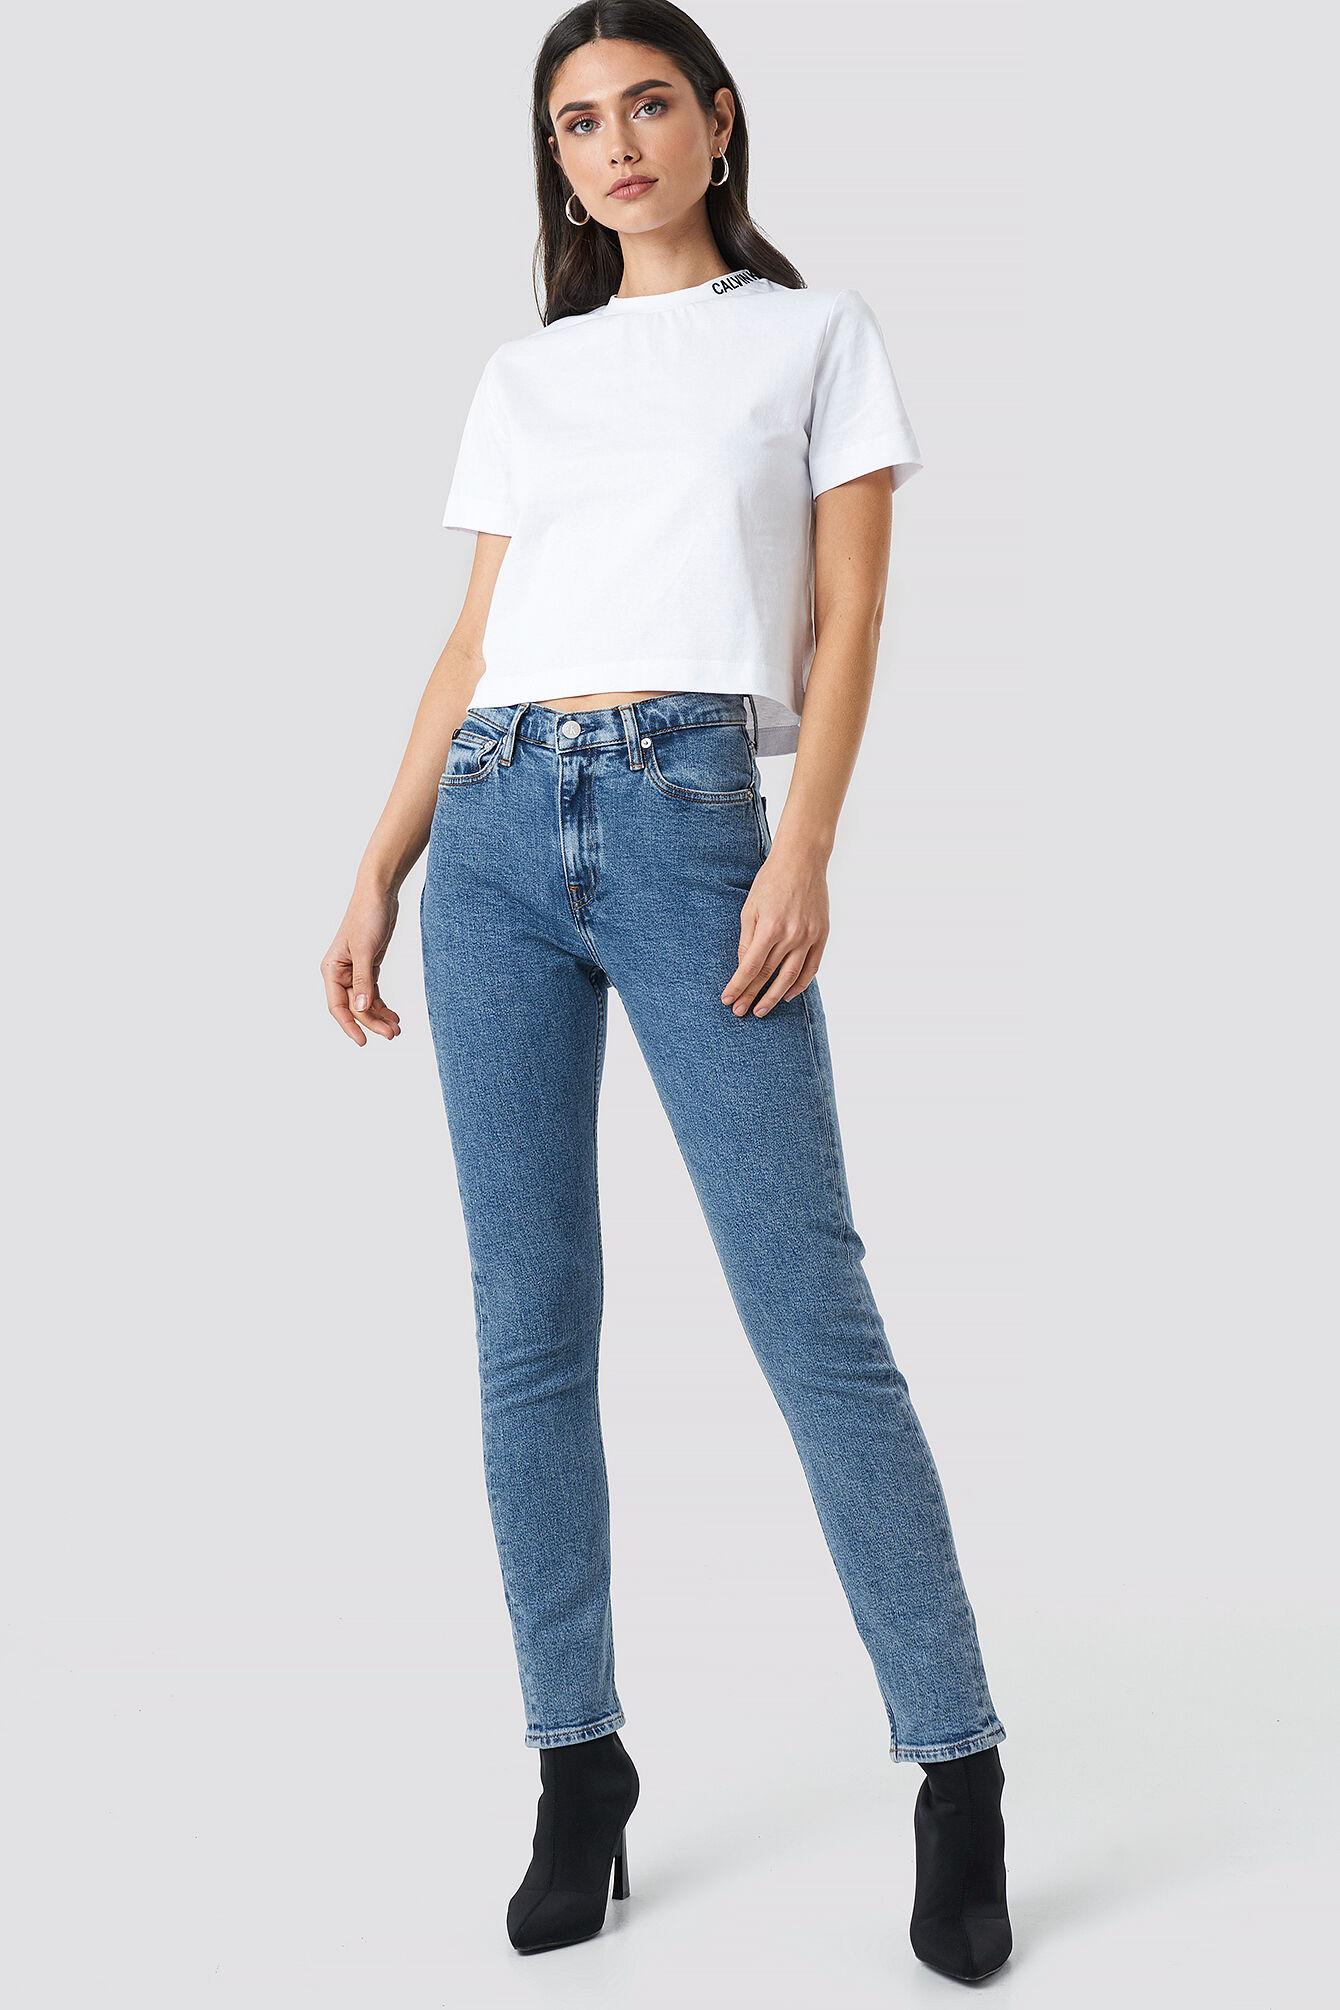 Calvin High Rise Slim Jeans - Blue